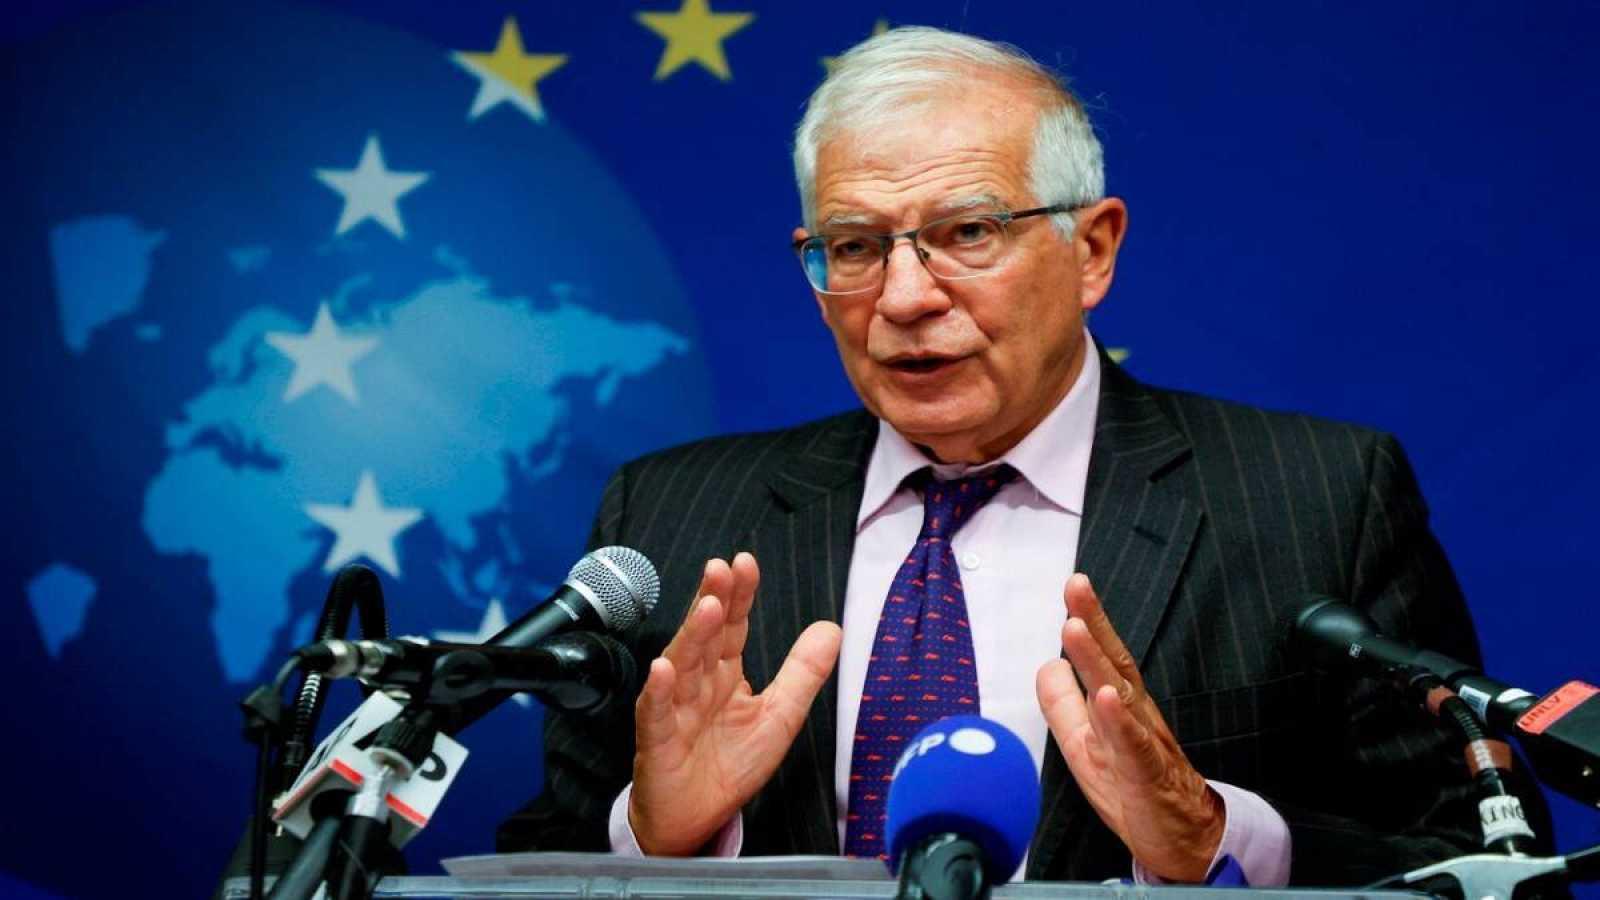 El Alto Representante de la Unión Europea para Asuntos Exteriores y Política de Seguridad y Vicepresidente de la Unión Europea, Josep Borrell, habla durante una conferencia de prensa, tras la reunión de Ministros de Asuntos Exteriores de la UE, en Nu